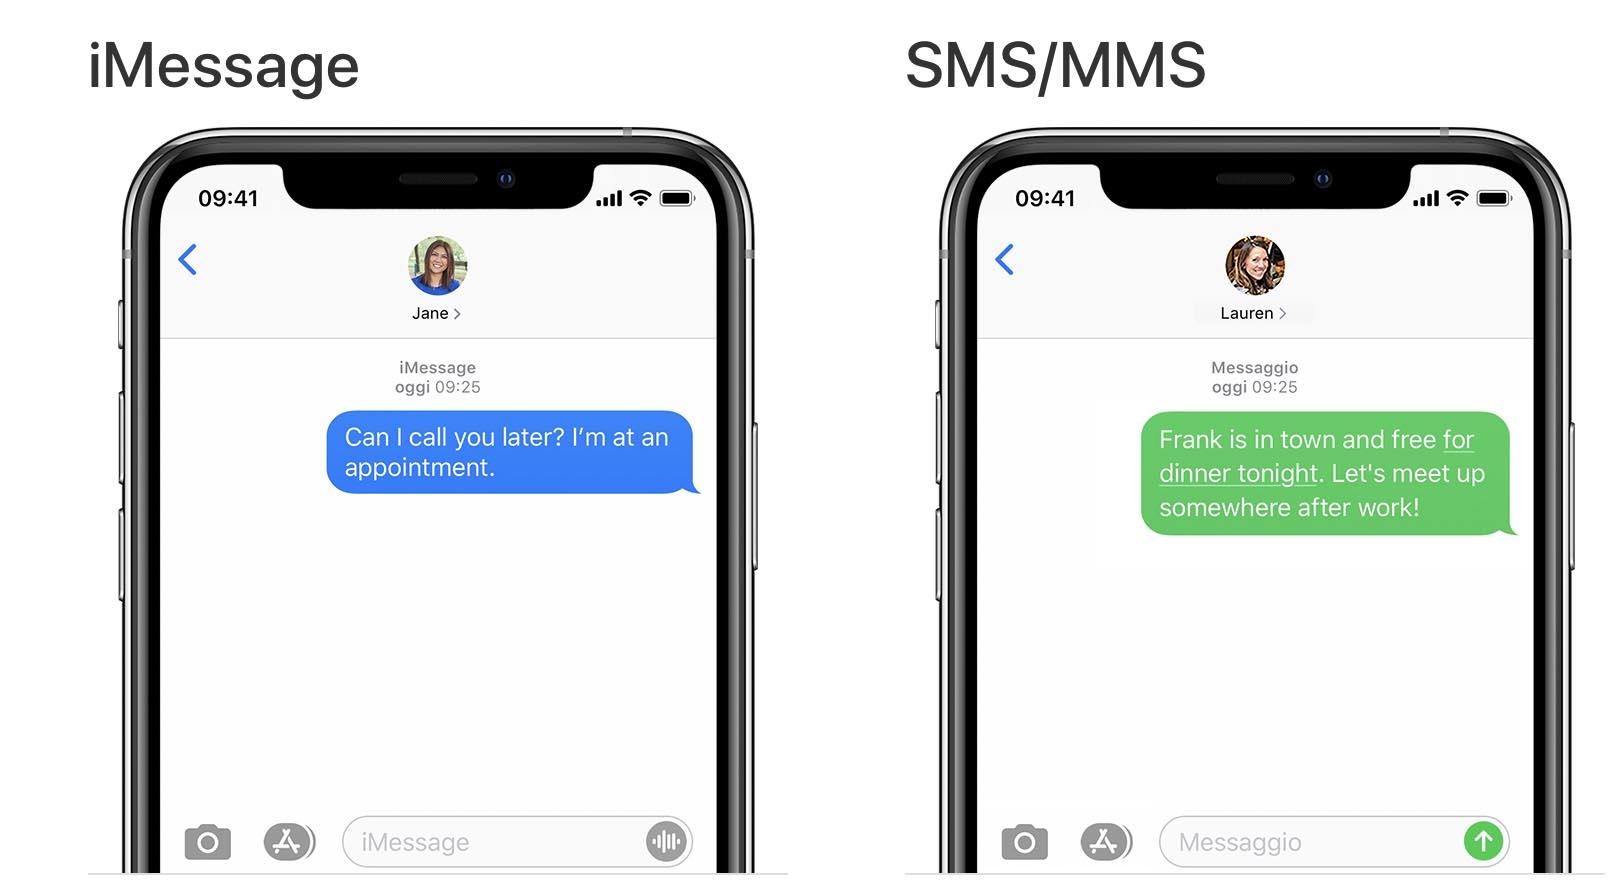 Tutti gli operatori di telefonia USA supportano il protocollo RCS per gli SMS